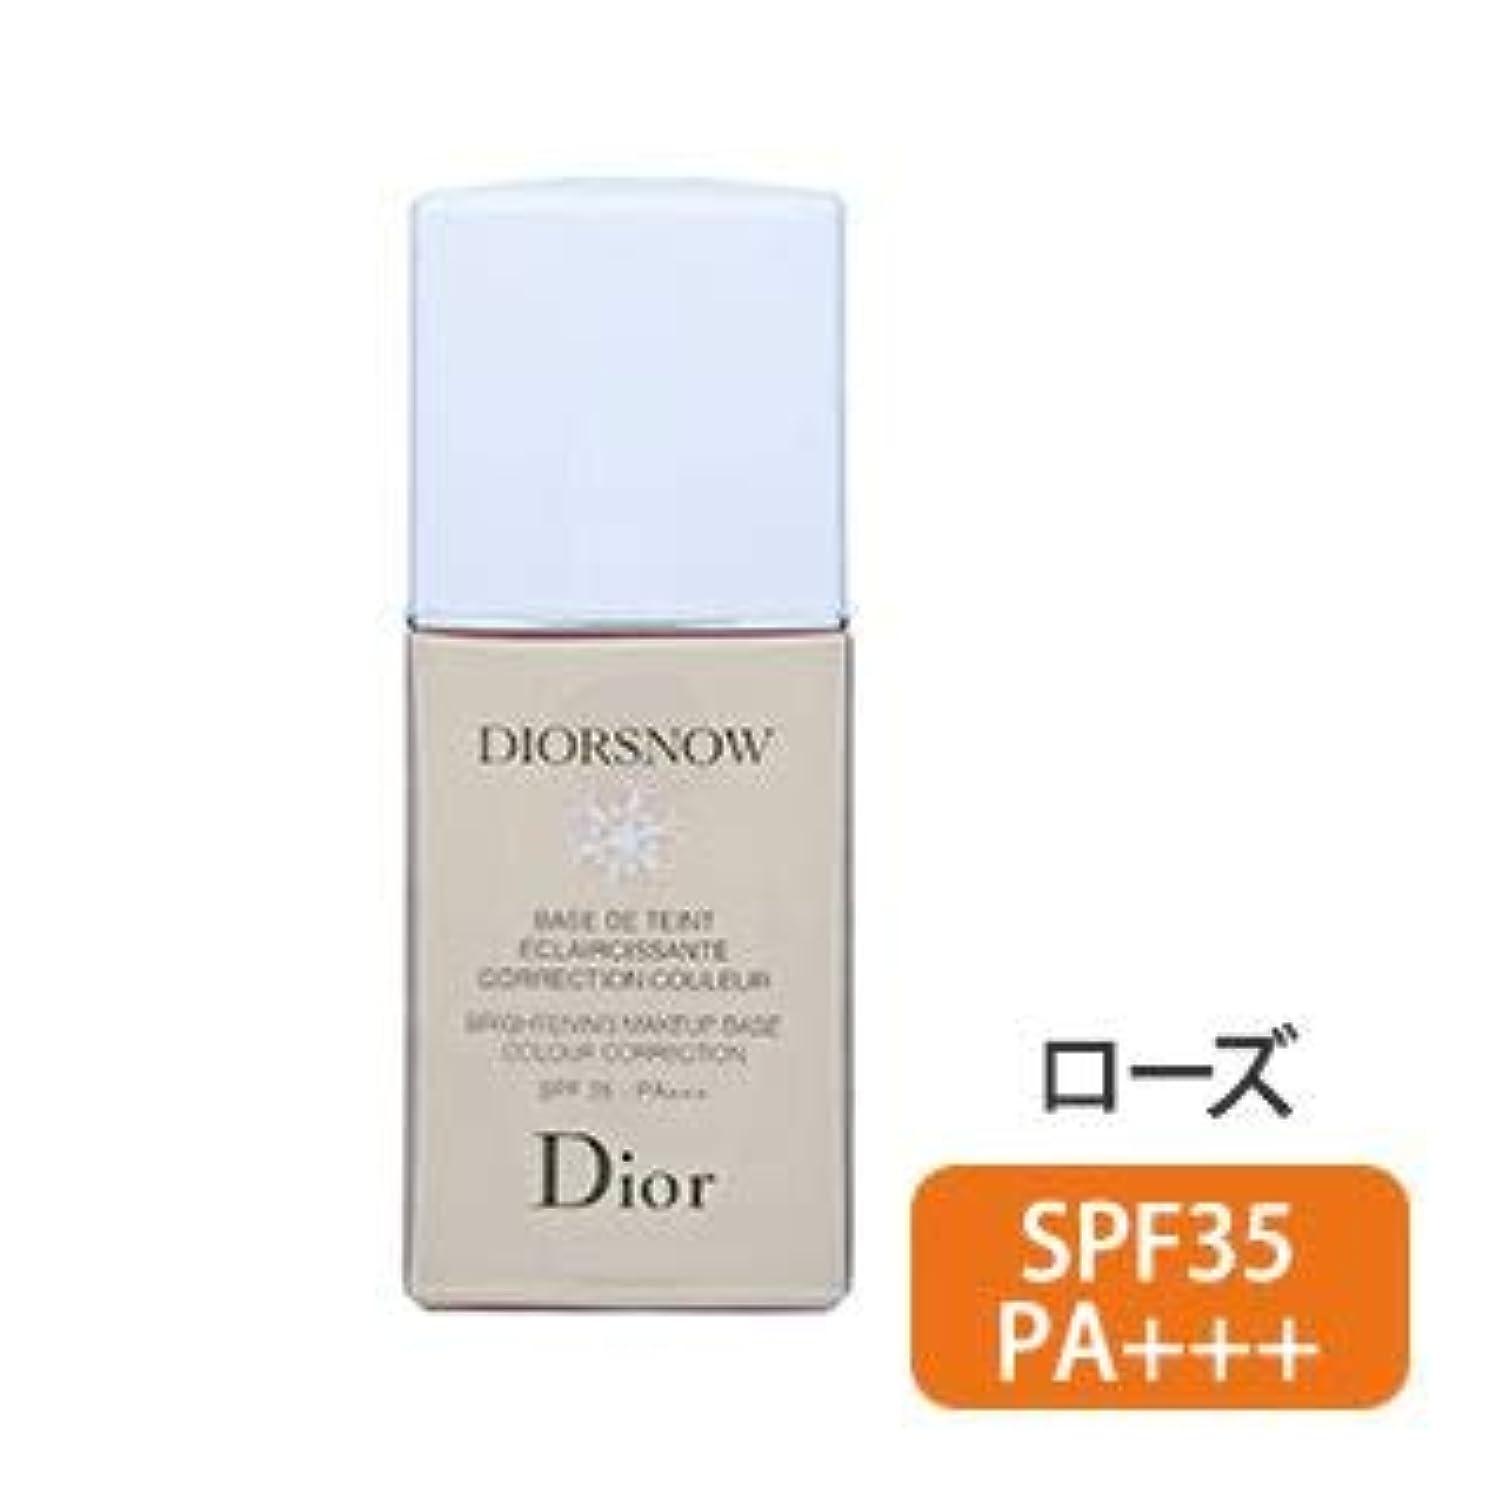 ガジュマルなかなか加速するディオール(Dior) スノー メイクアップ ベース UV35 (ローズ) [並行輸入品]